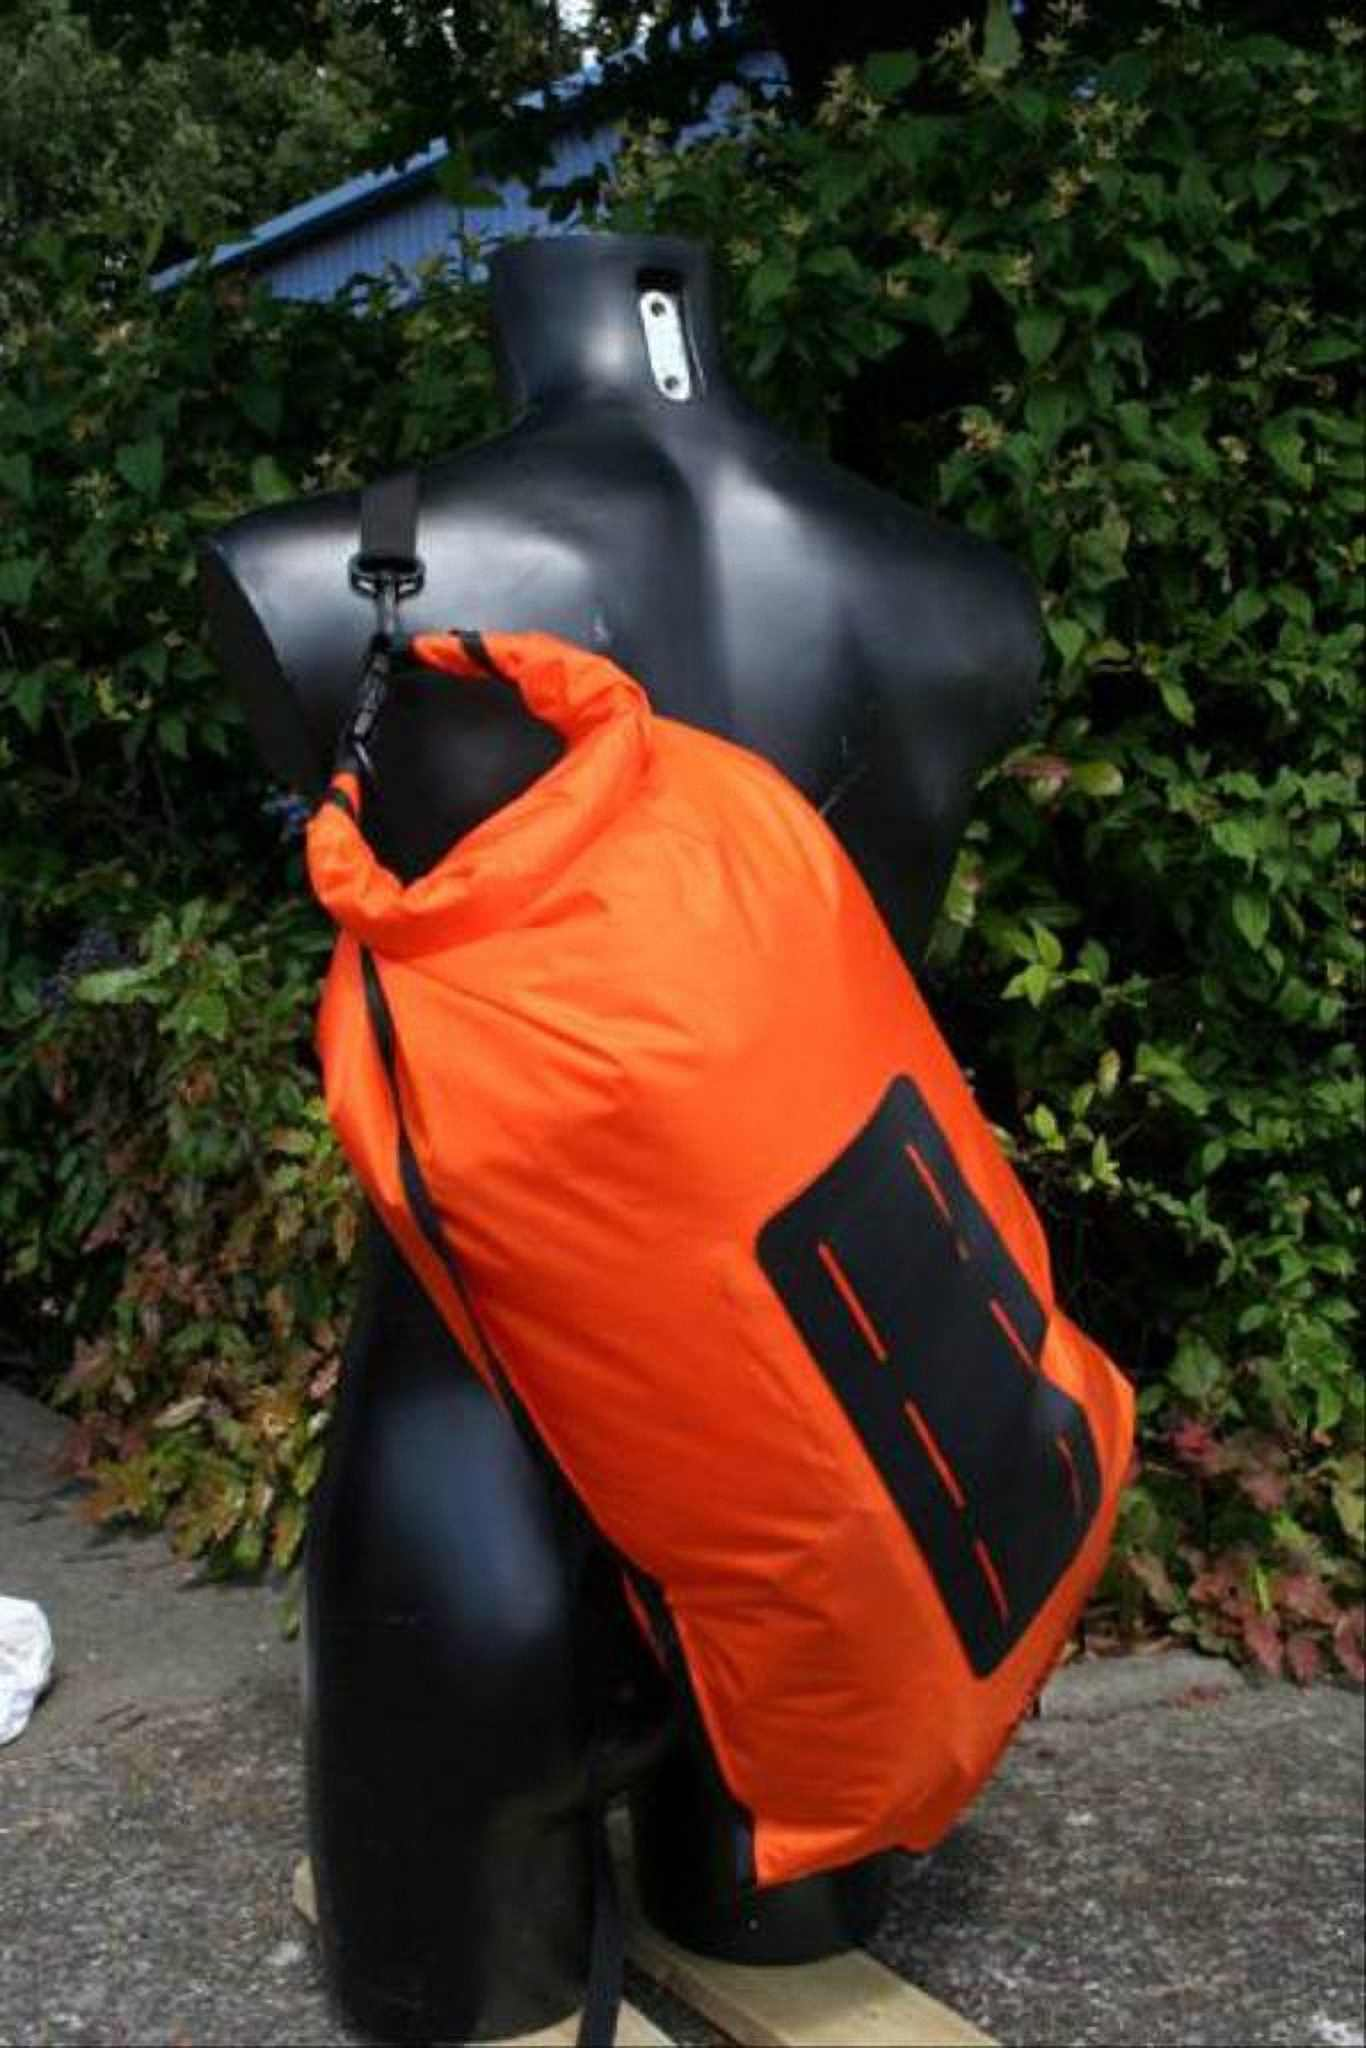 Водонепроницаемый гермомешок-рюкзак (с двумя плечевыми ремнями) Aquapac 770 - Noatak Wet & Drybag - 25L.. Aquapac - №1 в мире водонепроницаемых чехлов и сумок. Фото 6